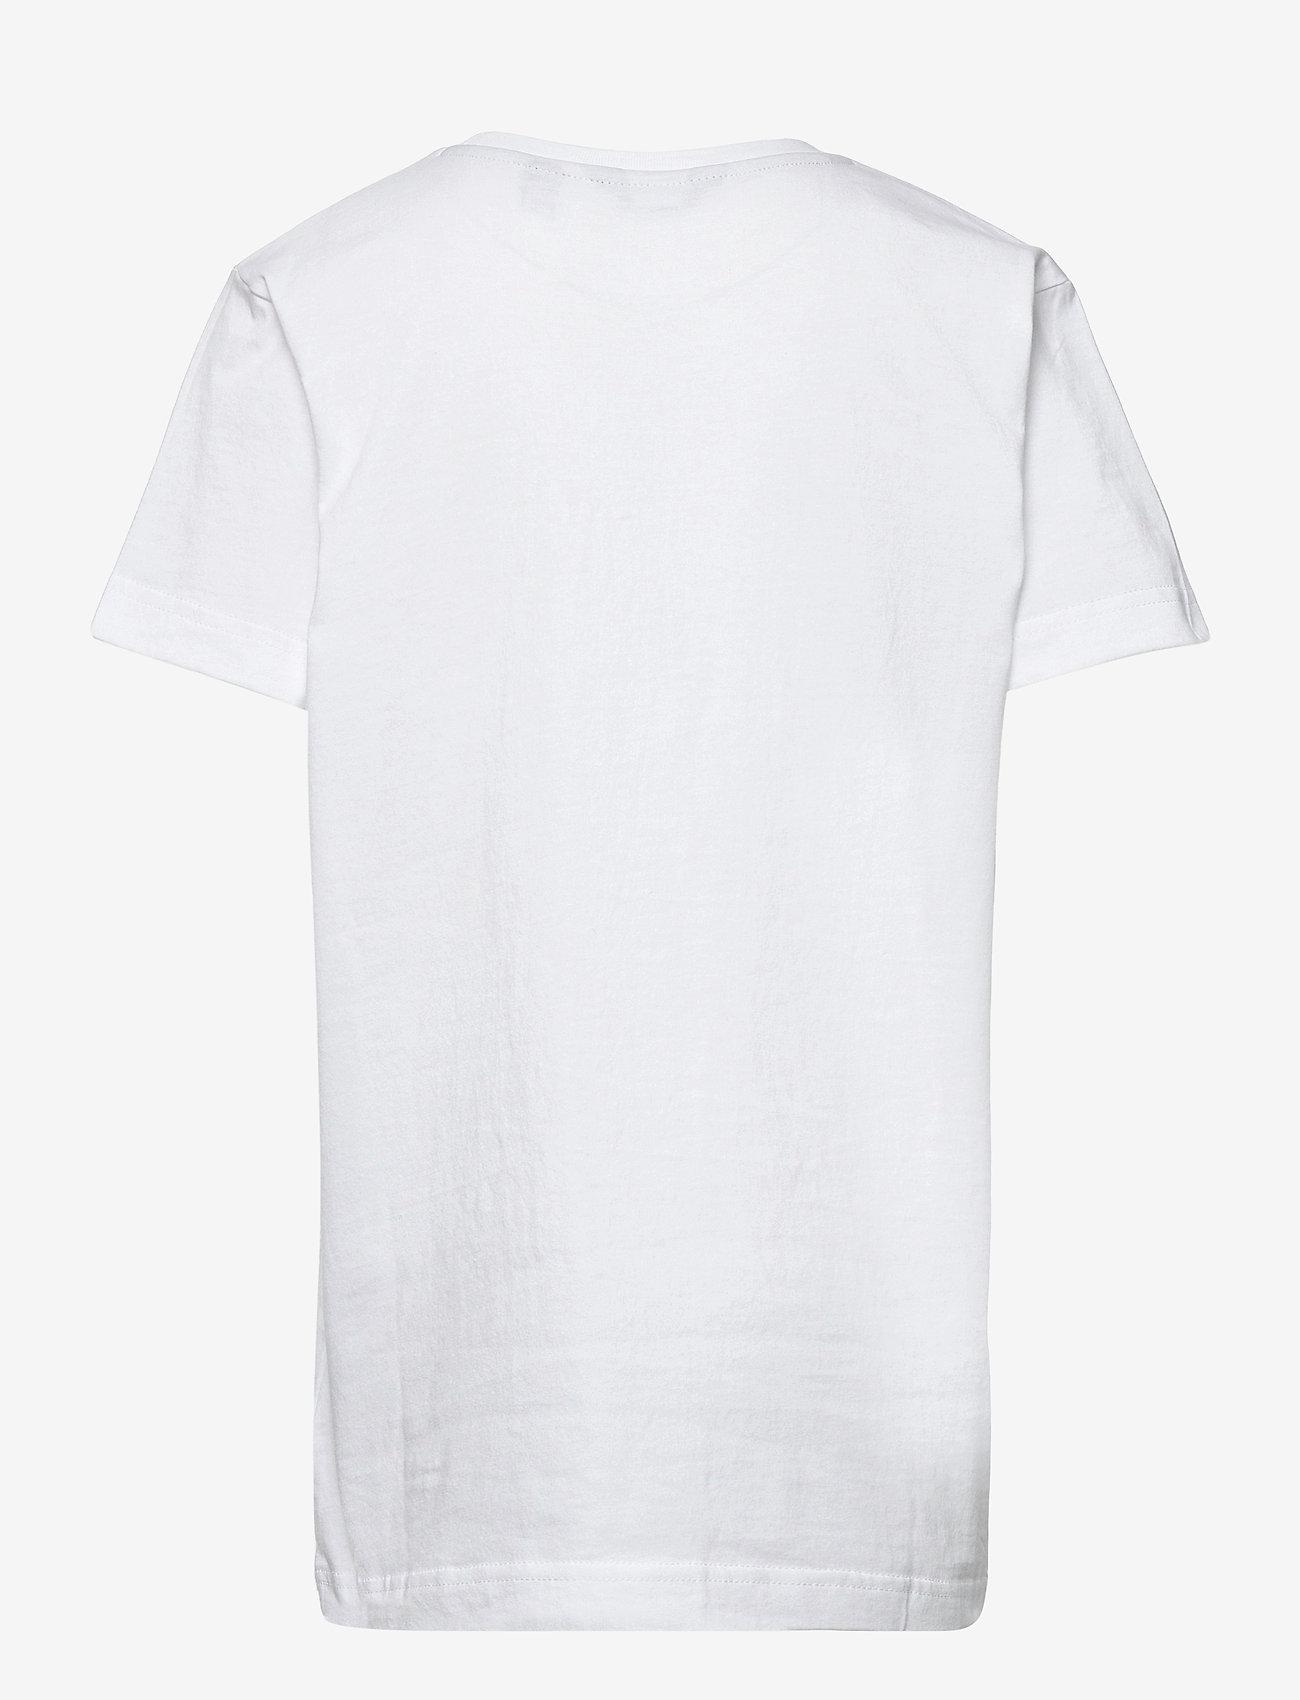 GANT - ARCHIVE SHIELD SS T-SHIRT - short-sleeved - white - 1